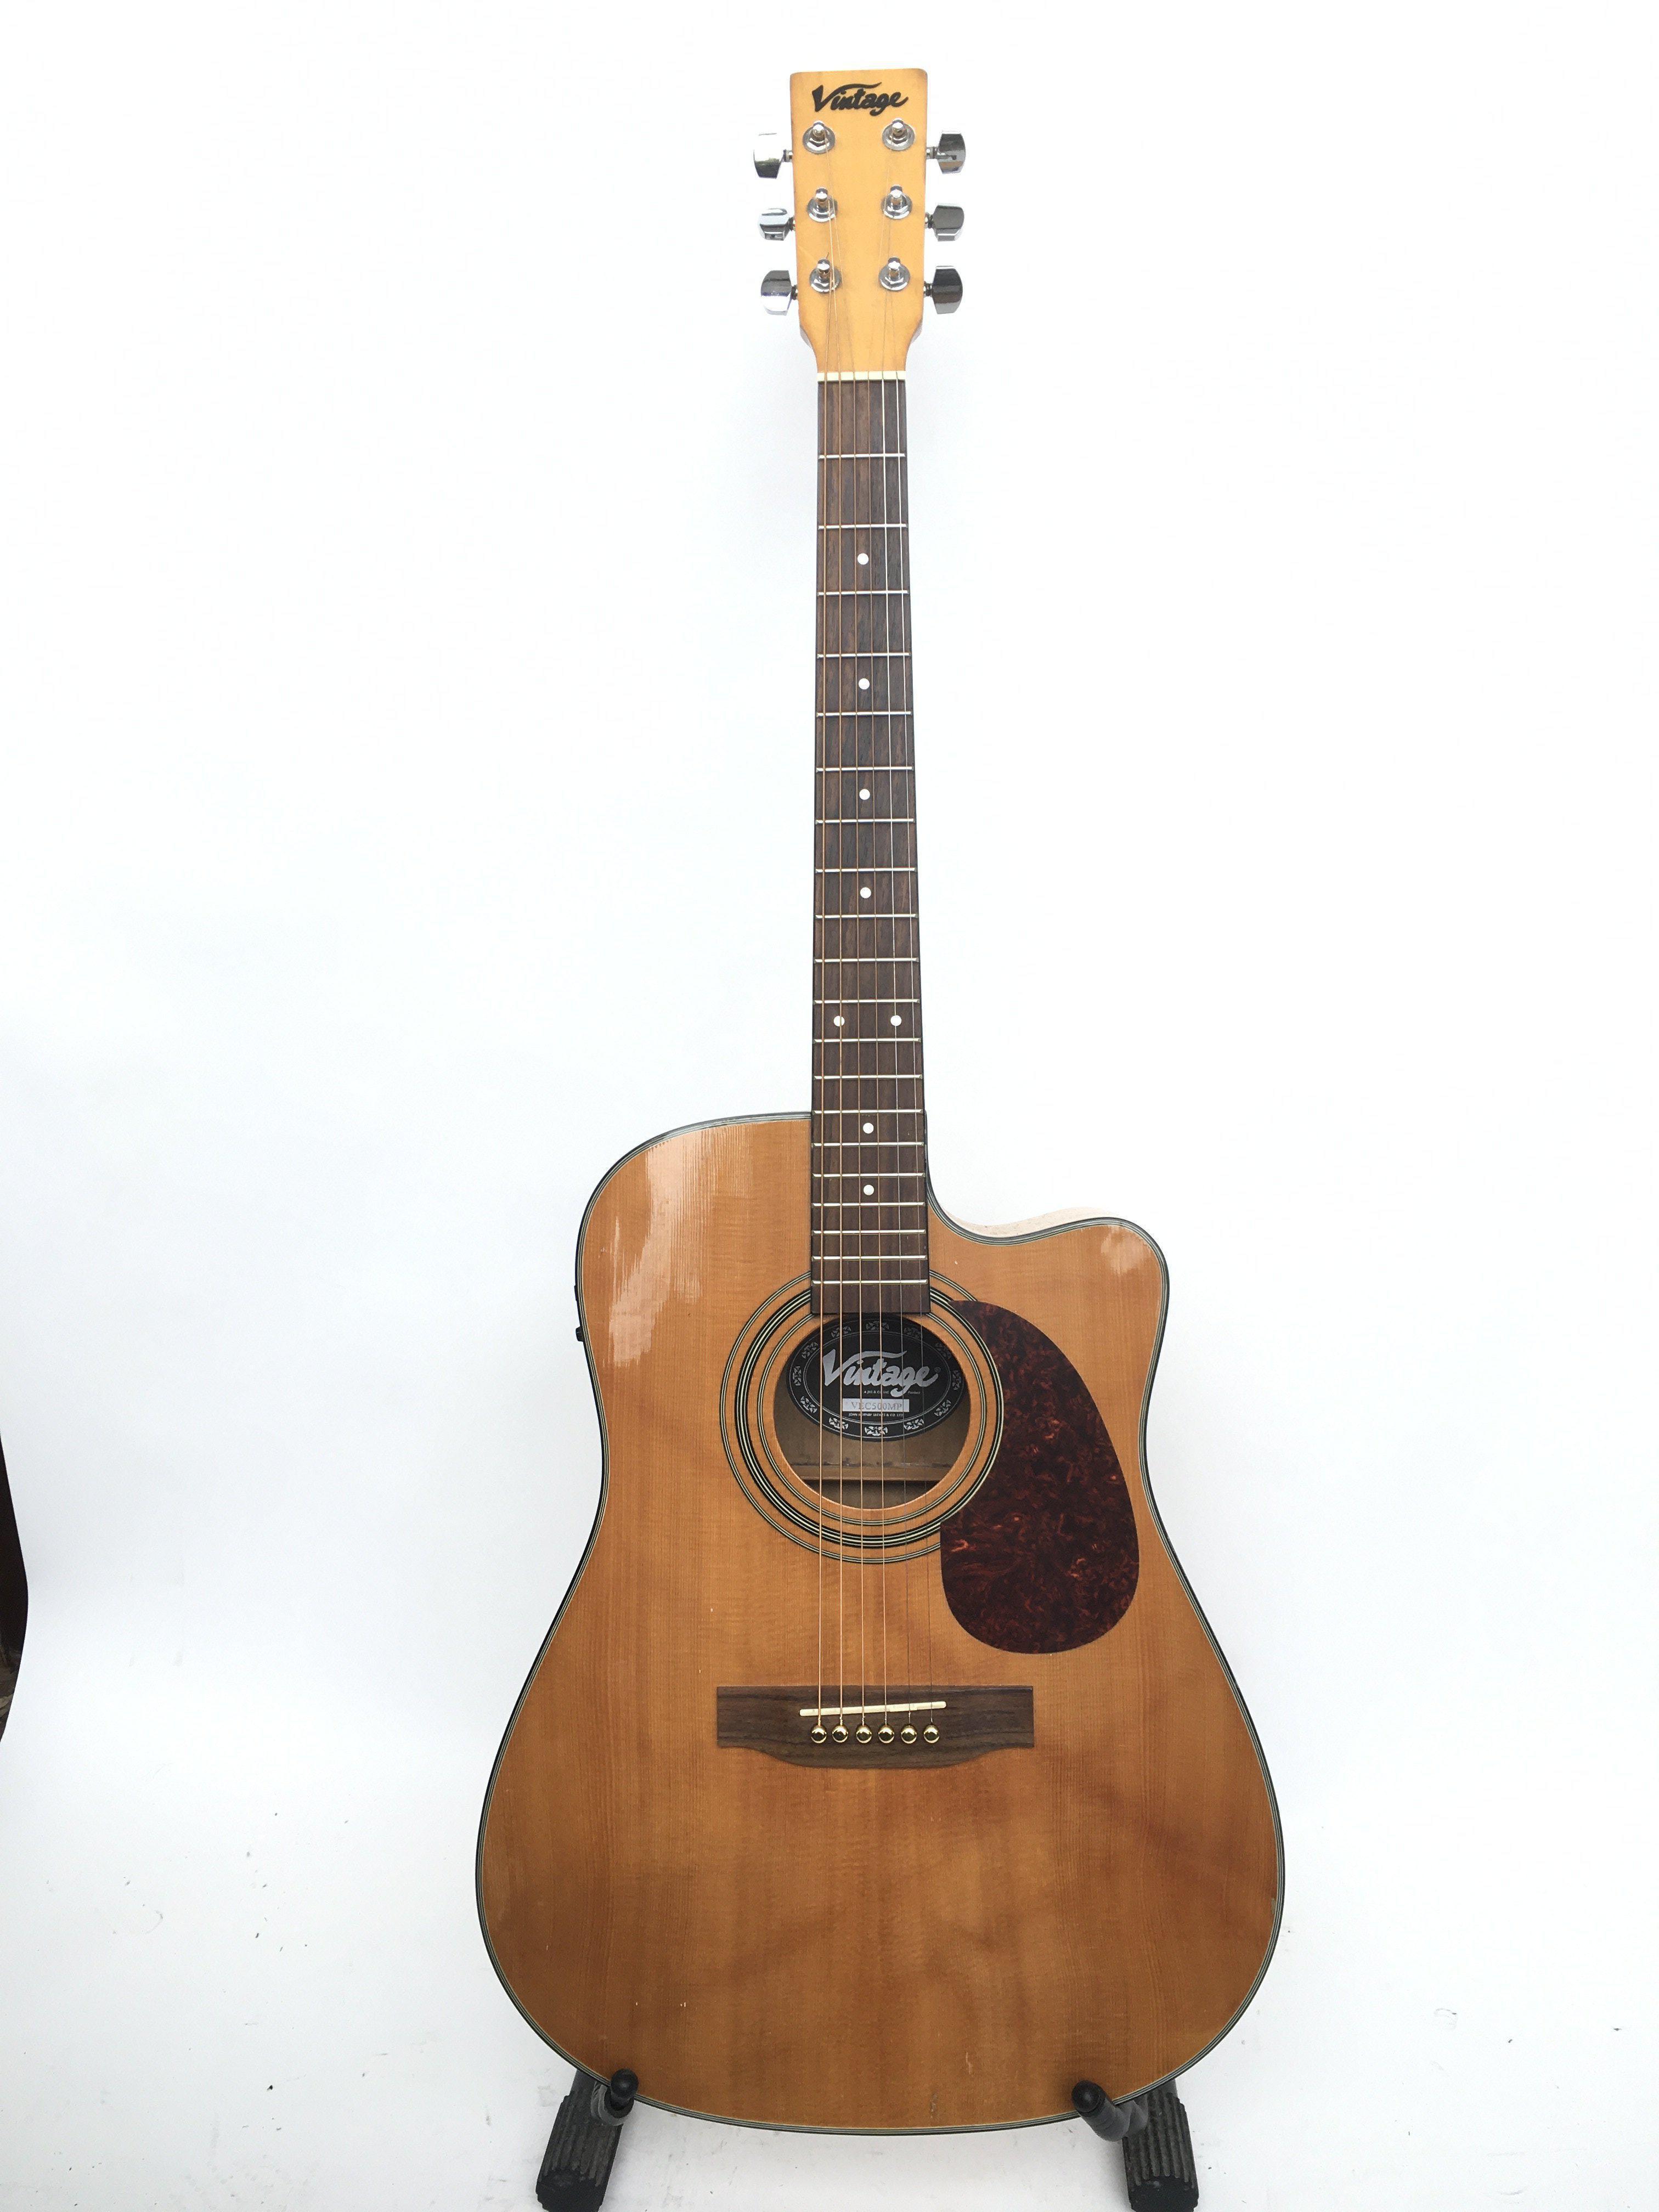 A Vintage VEC500MP electro acoustic guitar. Comes